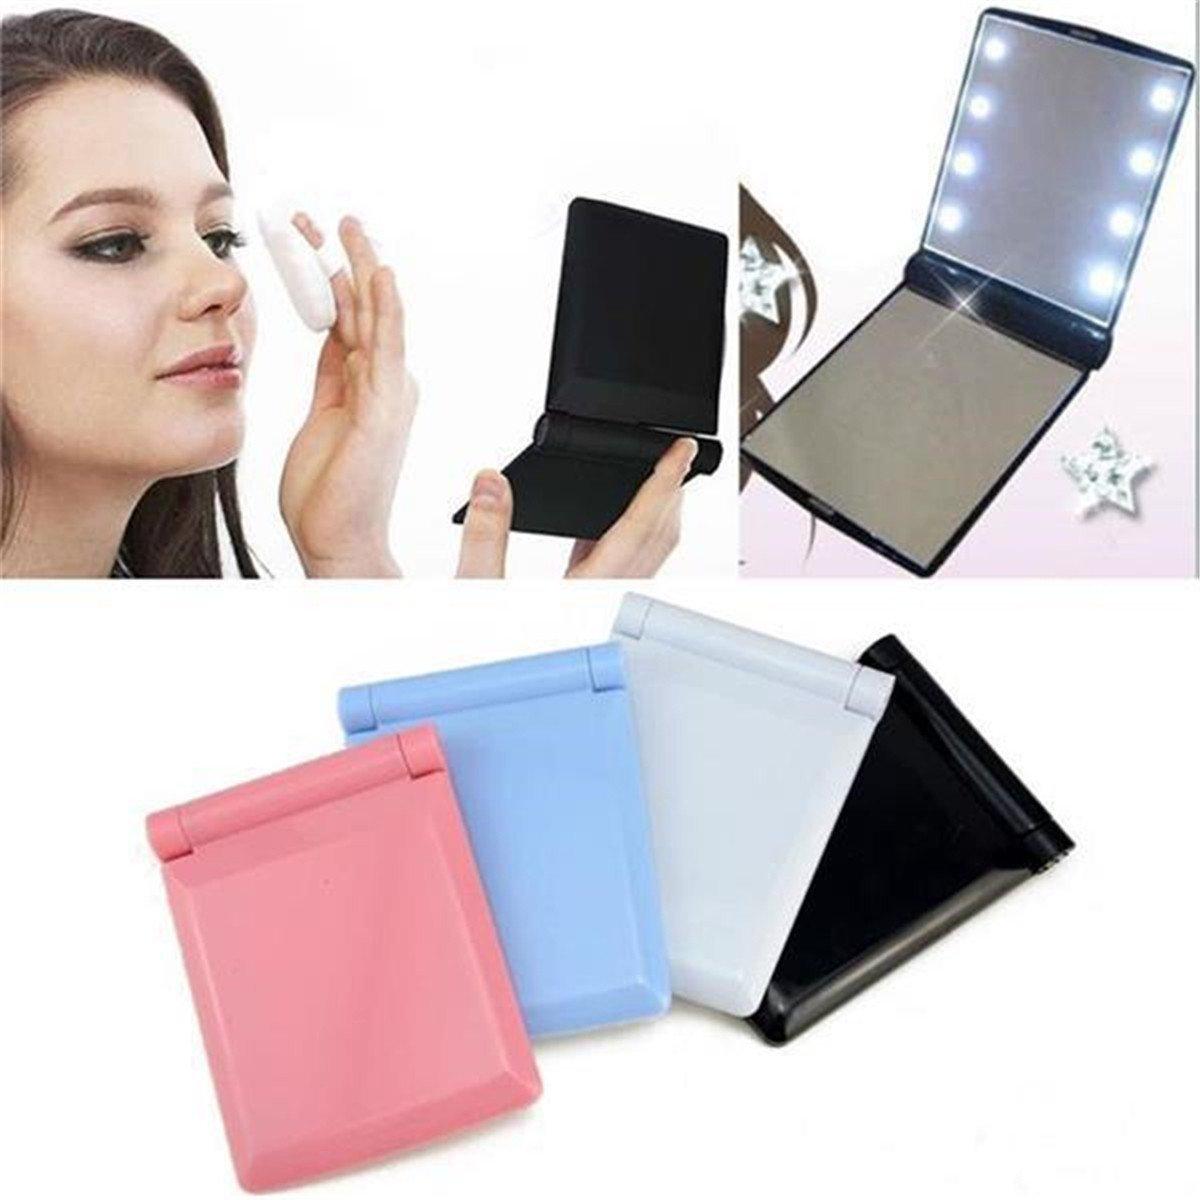 Nicewave portatile illuminato specchio pieghevole compatto trucco specchio tascabile con luci LED Hilai